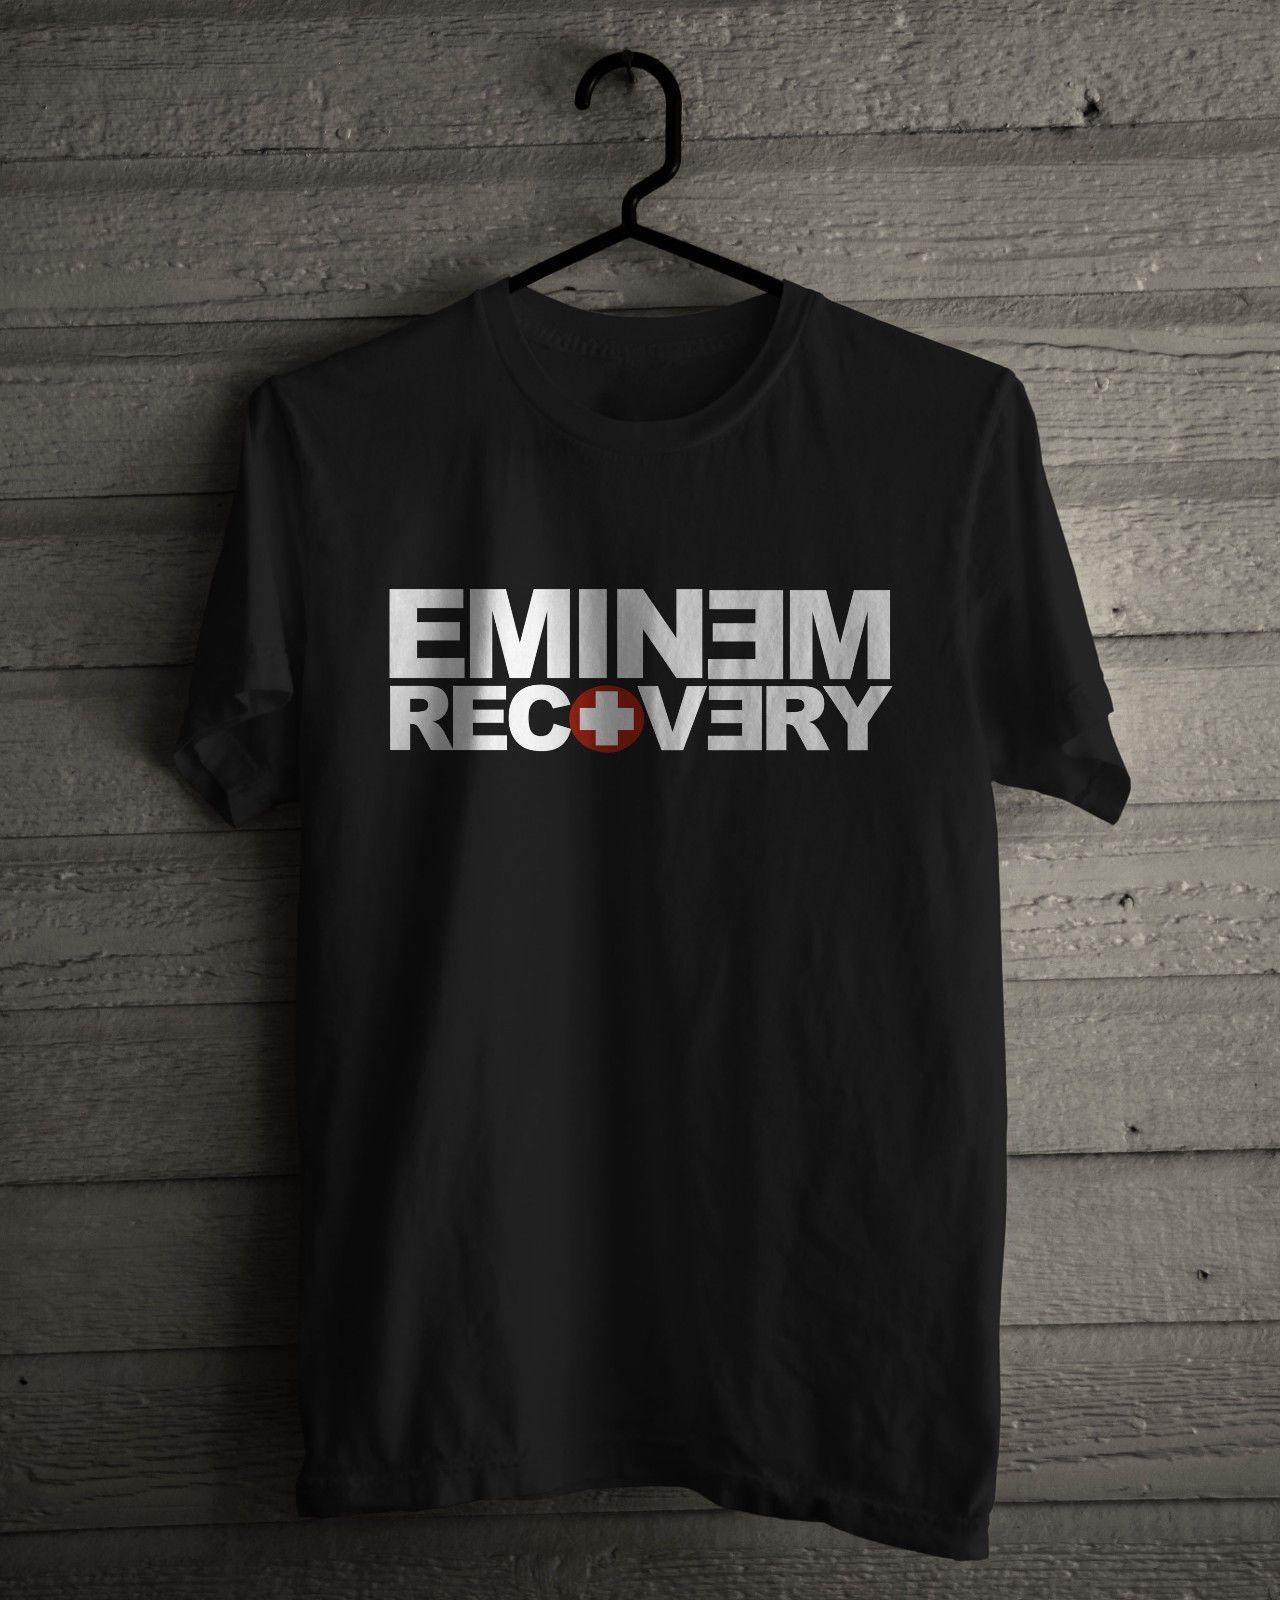 Compre Camiseta De Recuperación De Eminem Camiseta Rap Divertido Envío  Unisex Camiseta Casual Top A  12.96 Del Thebestoree  e2251de96fc